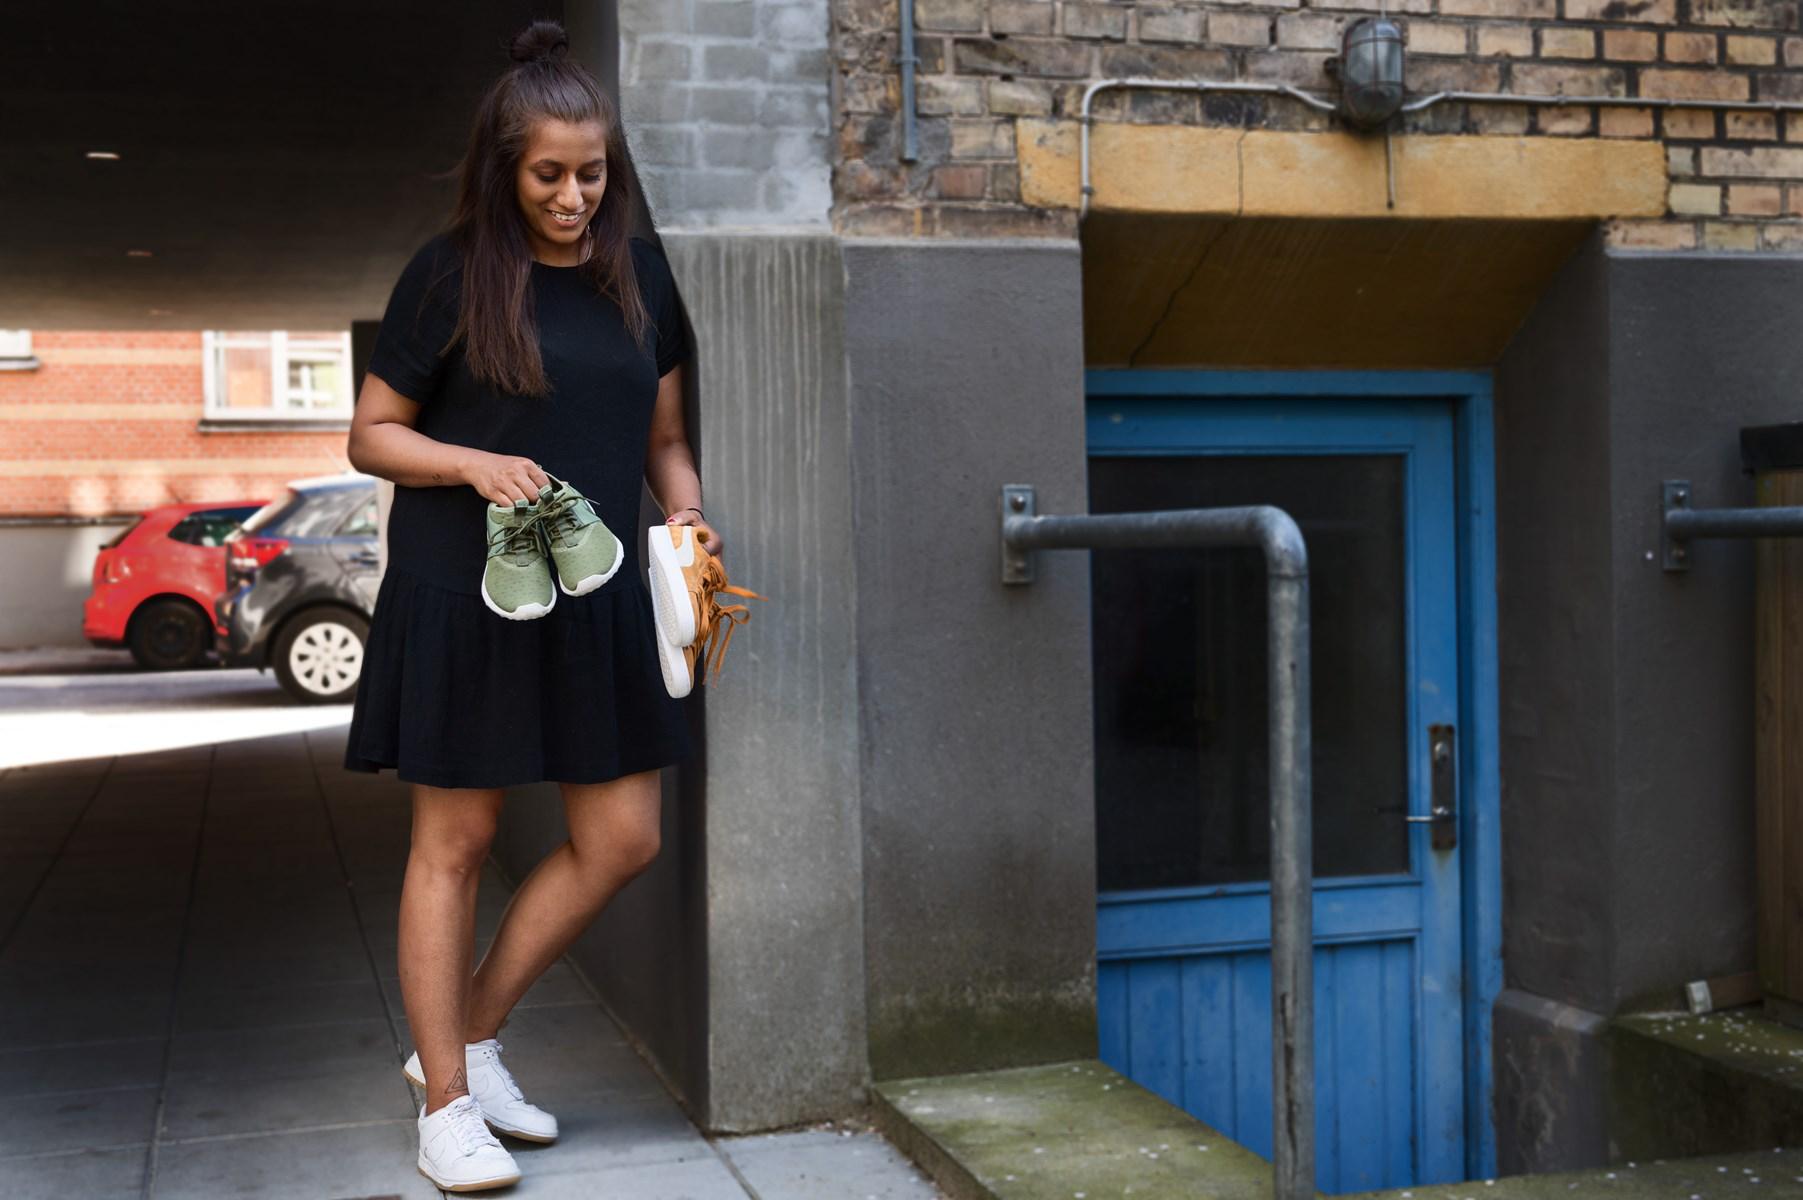 28-årige Ida Rekha er arrangøren bag det nye marked med sneakers og streetwear.